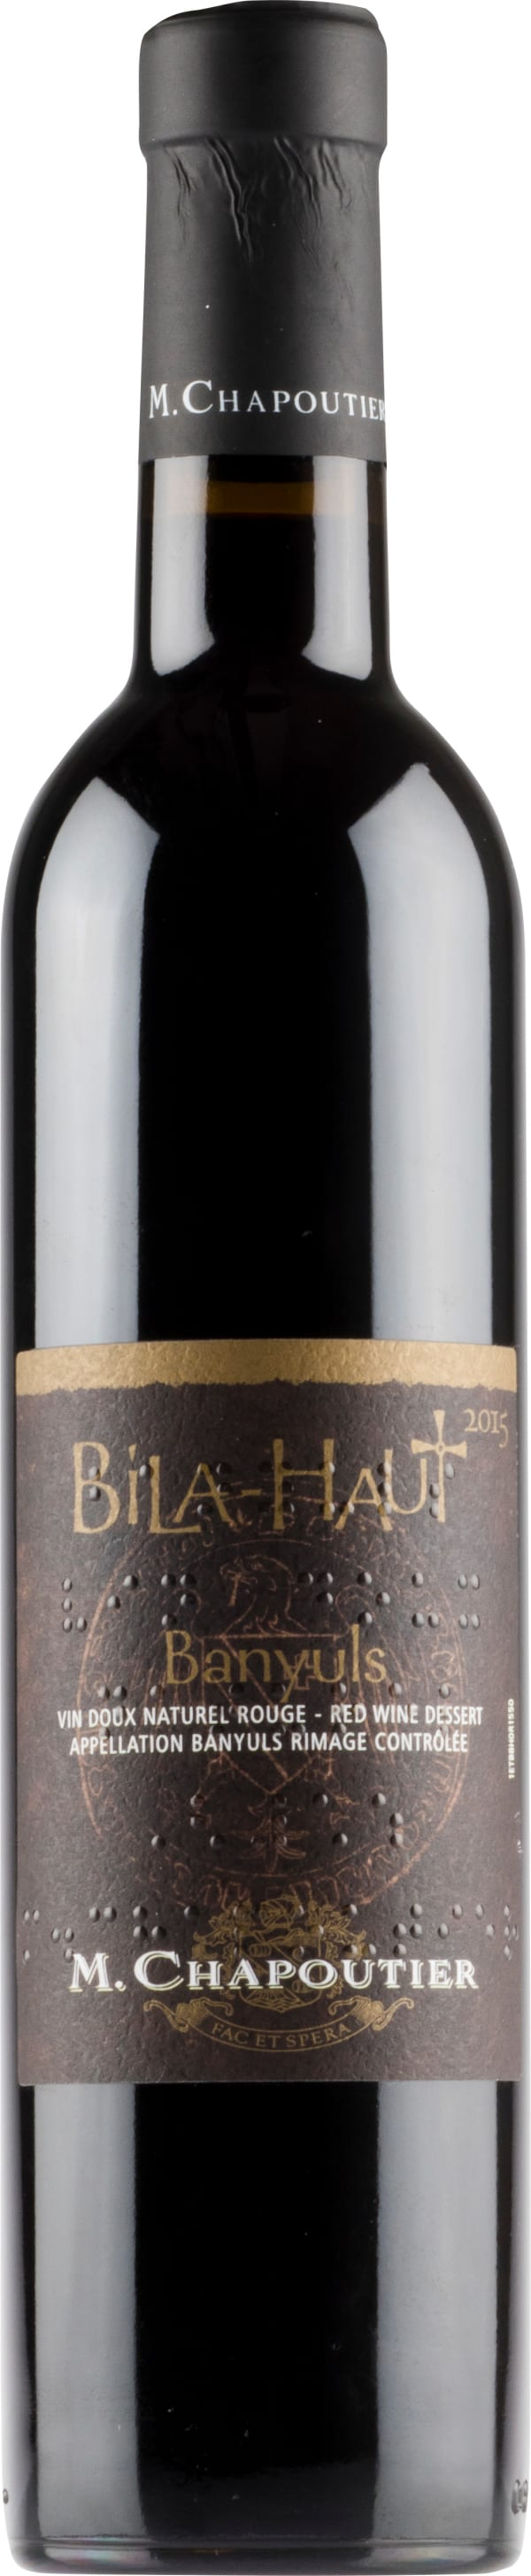 Chapoutier Bila-Haut Banyuls 2018